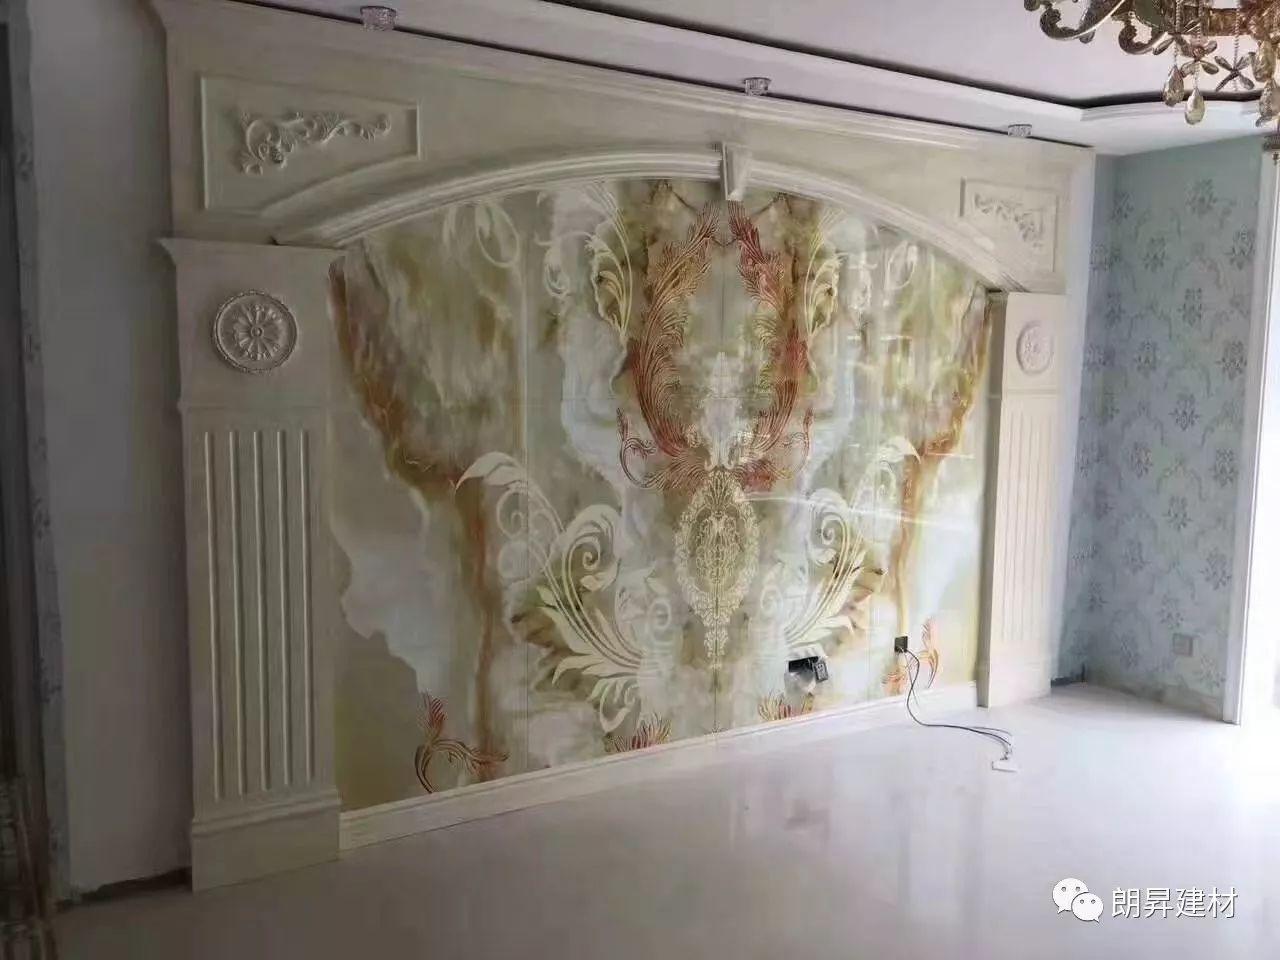 石塑UV板3D电视背景墙怎么安装 UV板安装_中科商务网